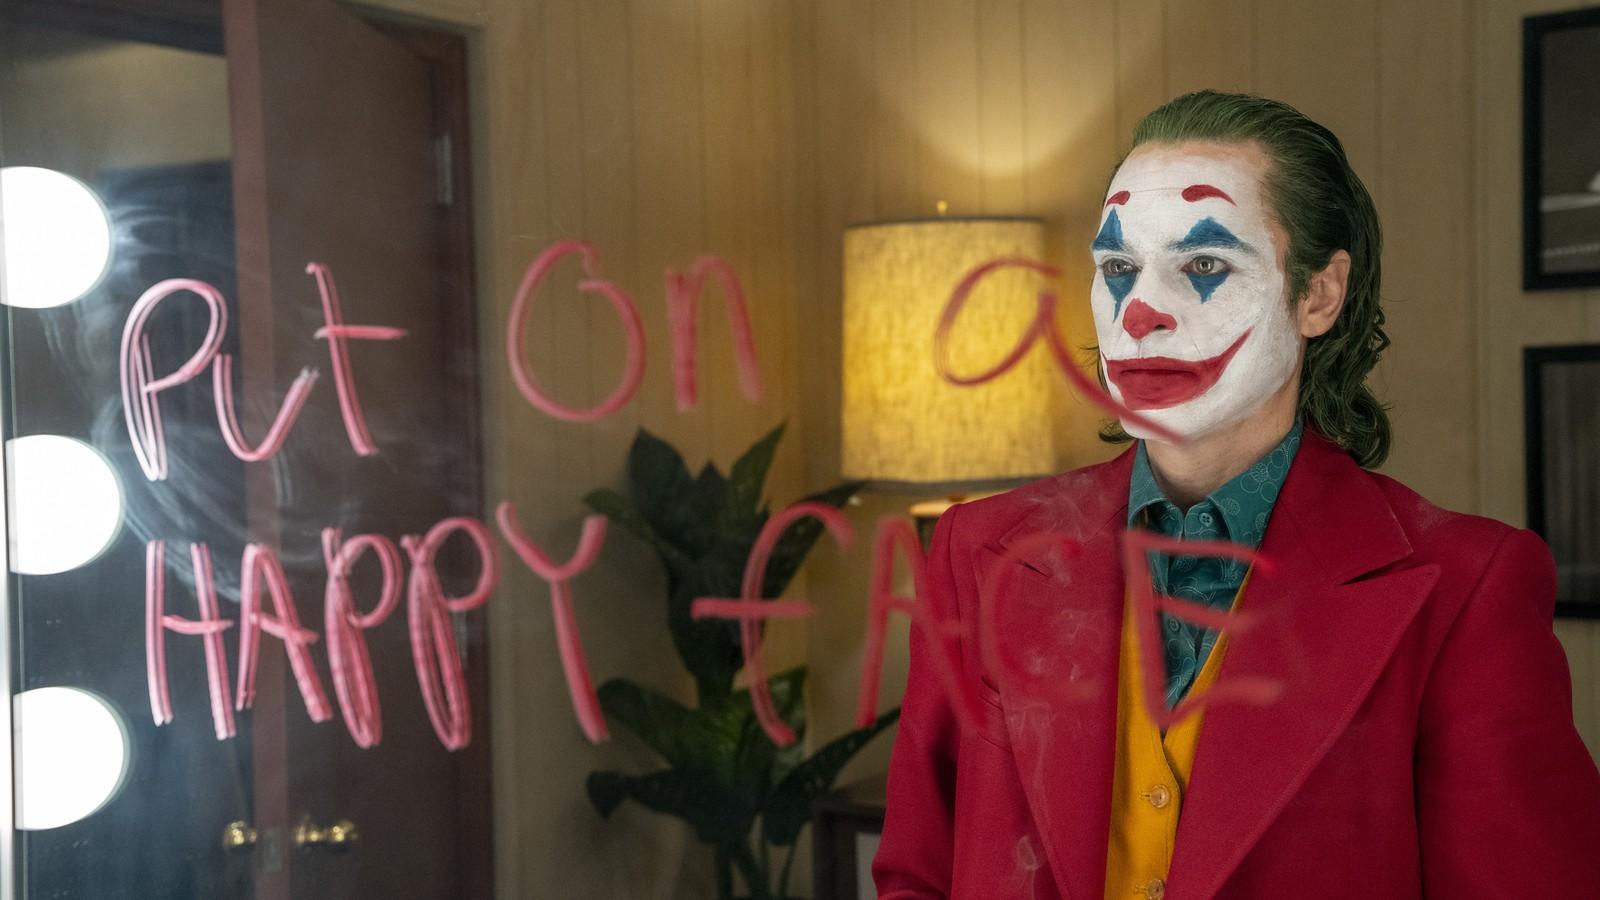 Todd Phillips talks about Joker 2